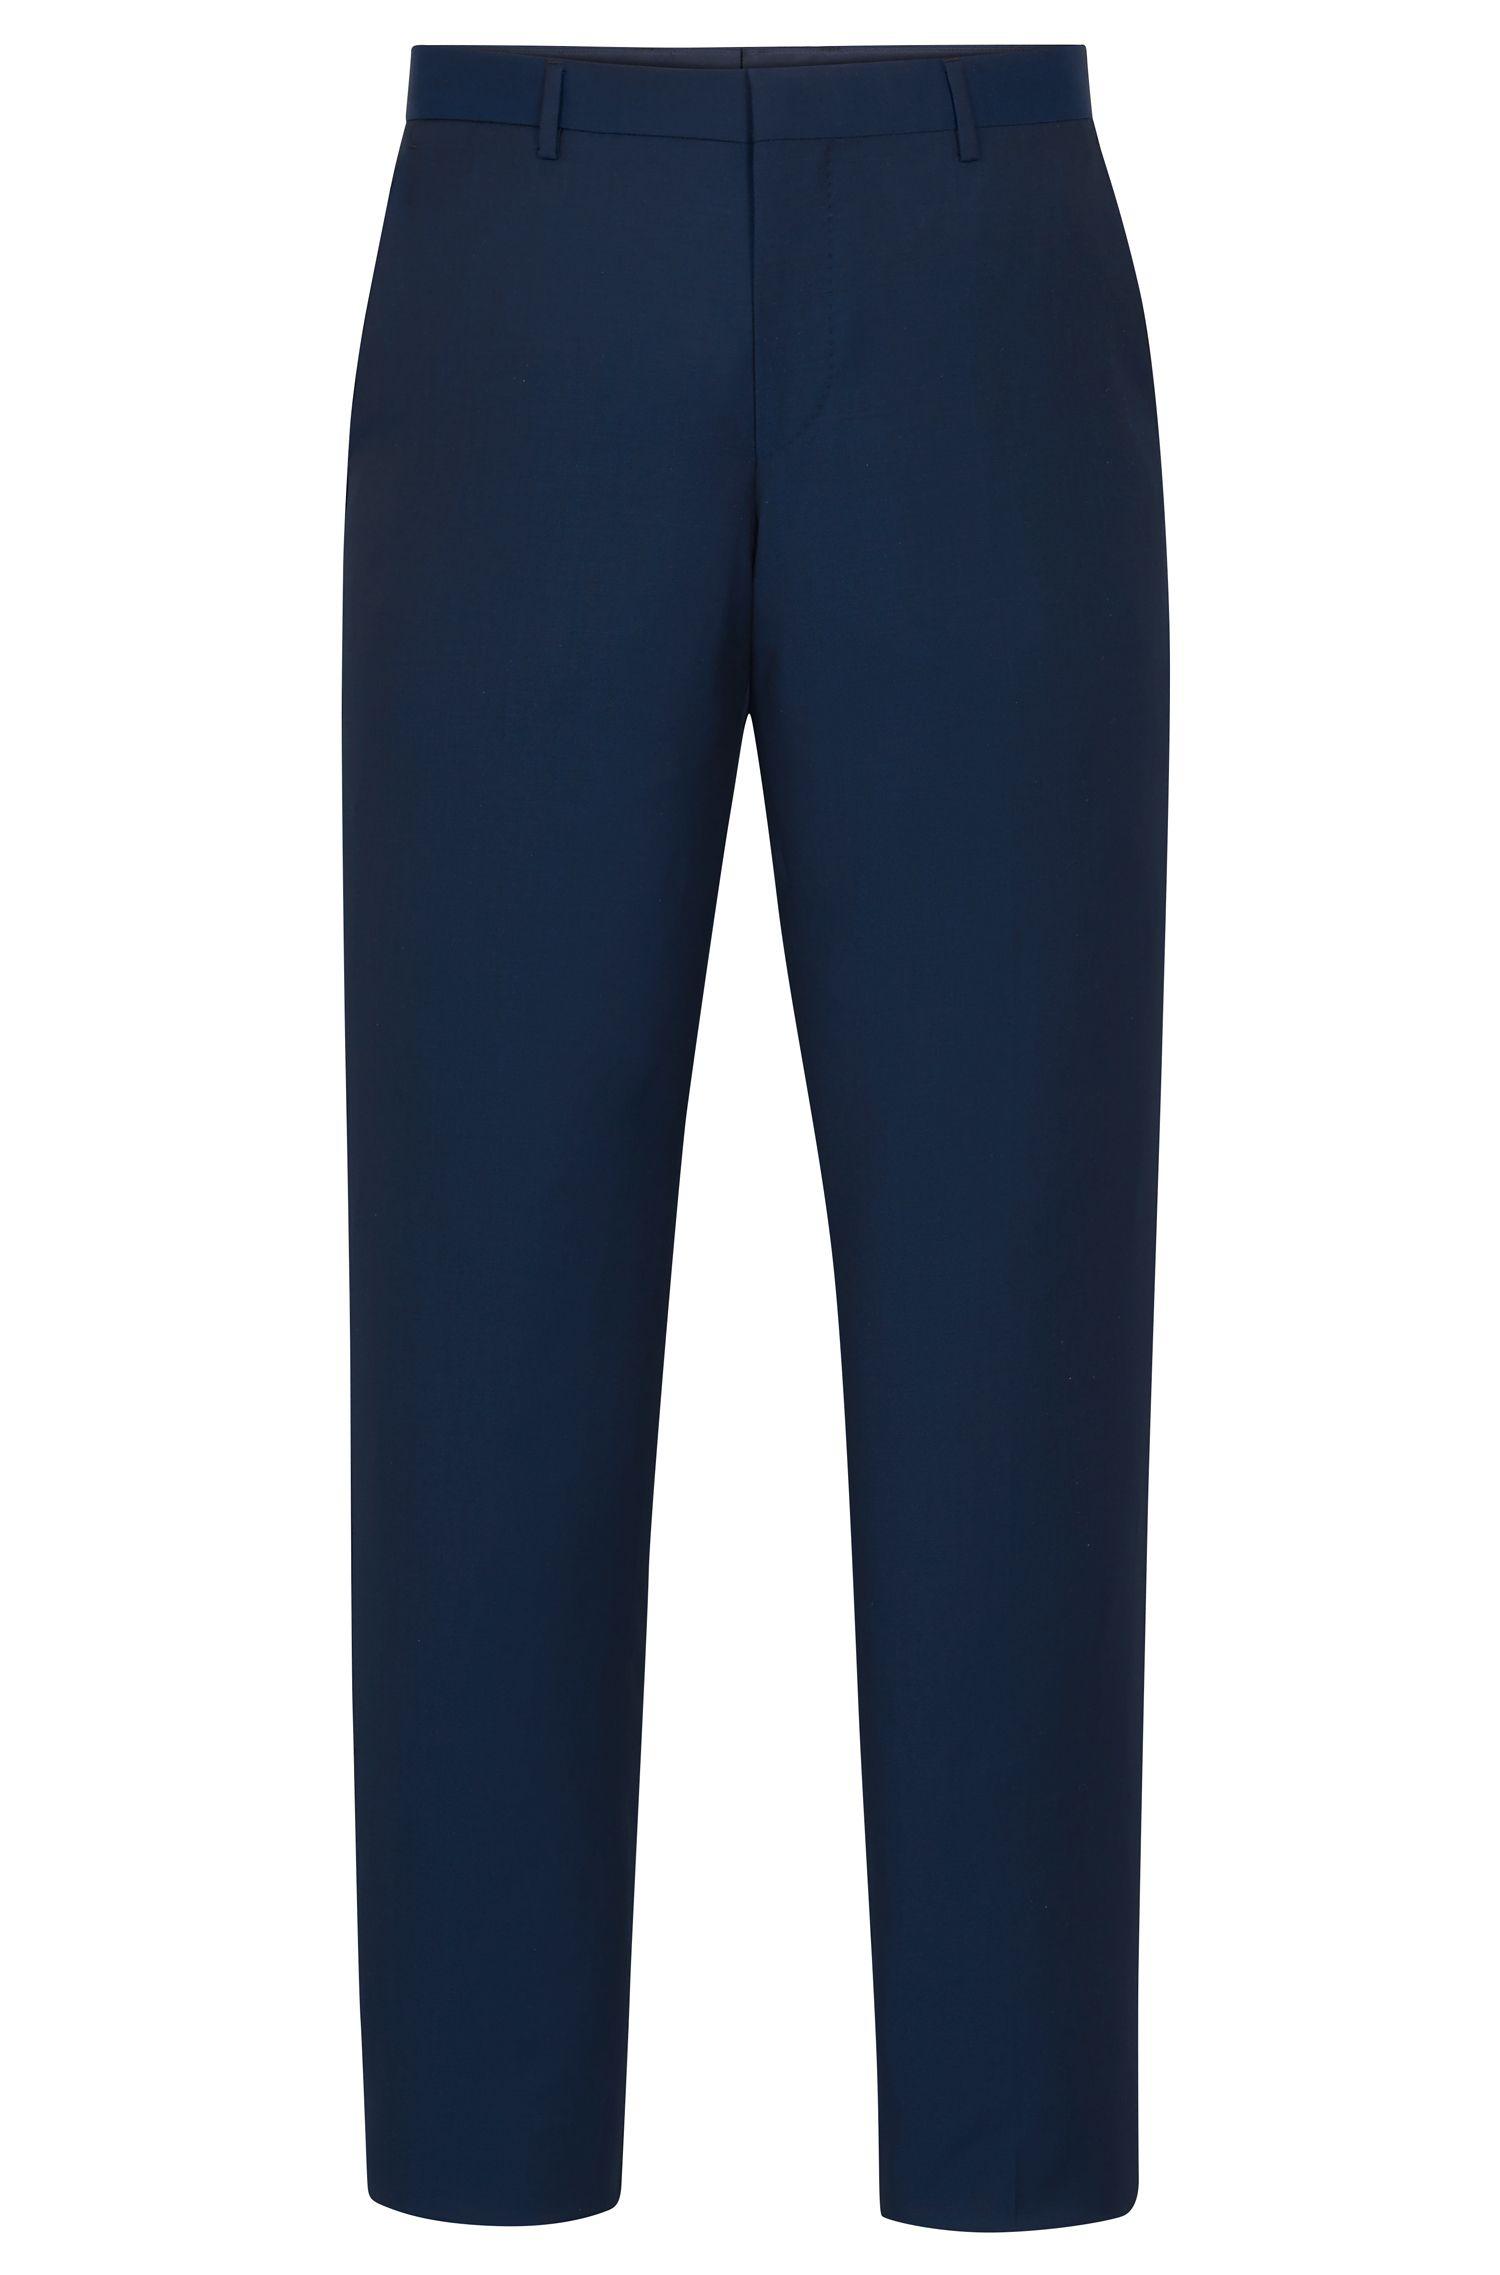 Virgin Wool Dress Pants, Slim Fit   Balte